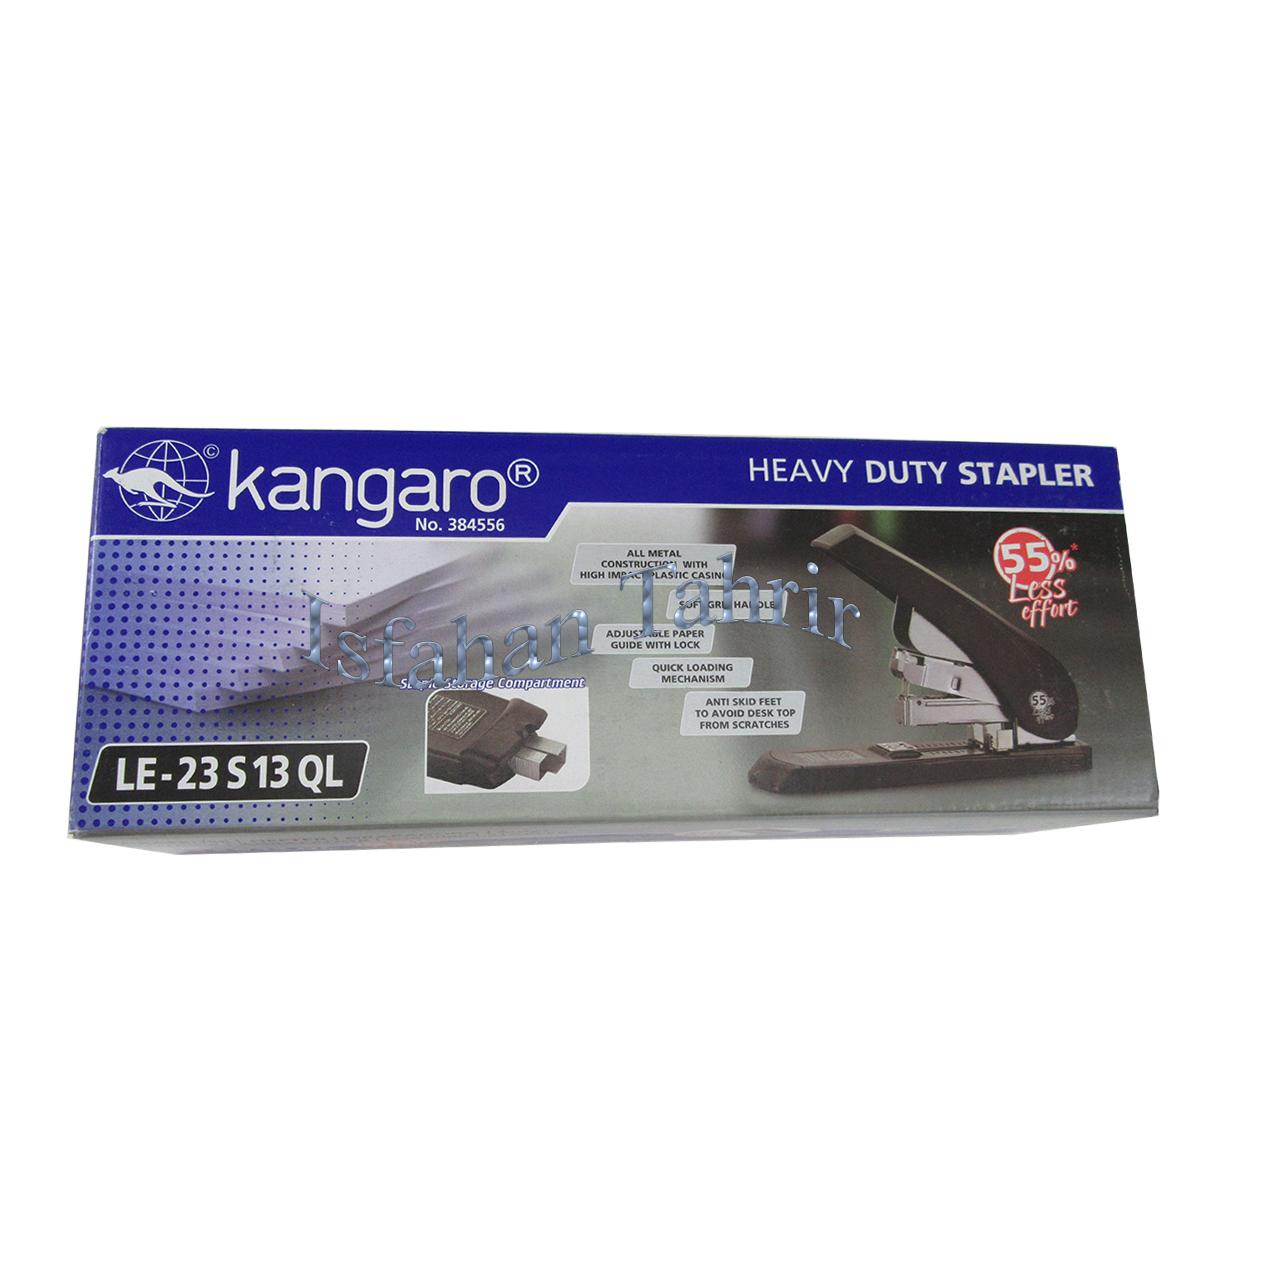 ماشین دوخت کانگورو (kangaro LE-23S13QL)